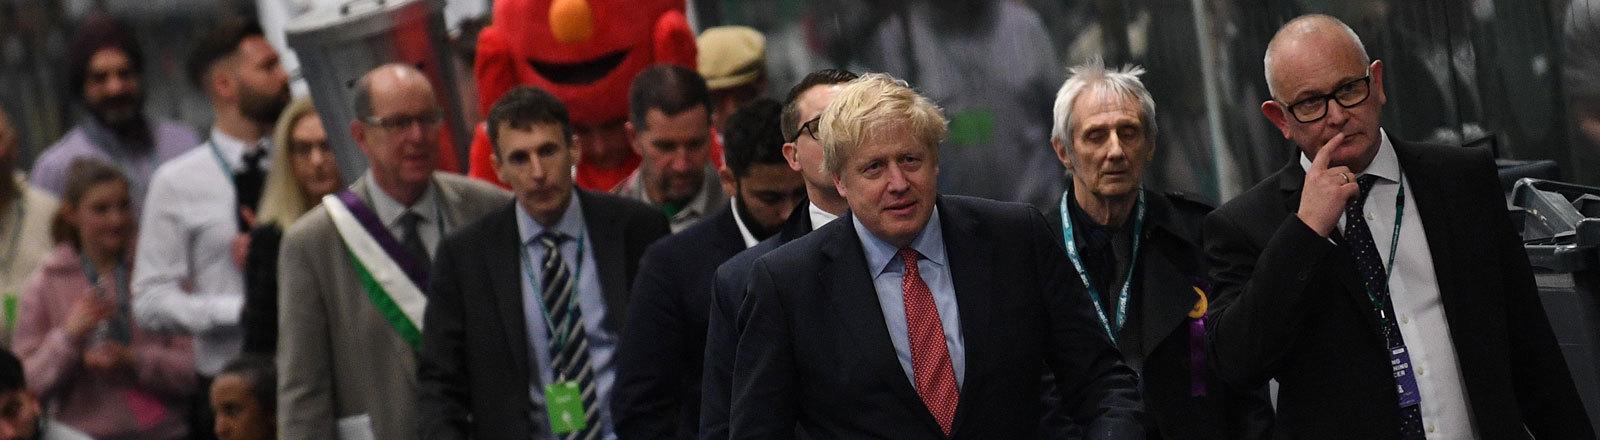 Am Wahlabend präsentiert sich Boris Johnson in seinem Wahlkreis (12.12.19)